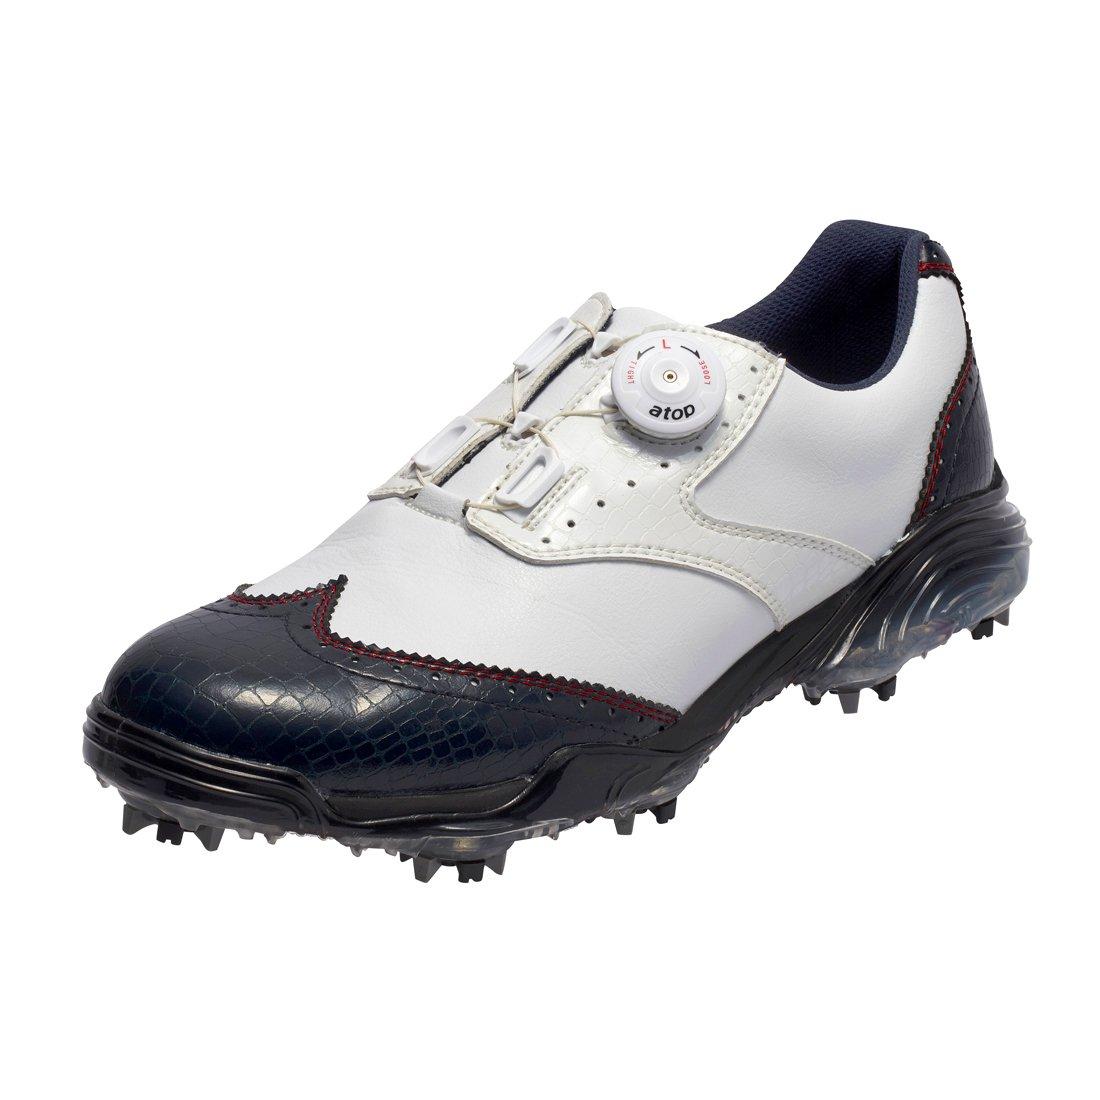 本間ゴルフ HONMA メンズ ウィングチップ ダイヤルシューズ ネイビー/ホワイト 25cm 3E SS-1603 原産国:中国 素材:甲(人工皮革)、底(EVAスポンジ/TPU)   B077MYPJKT